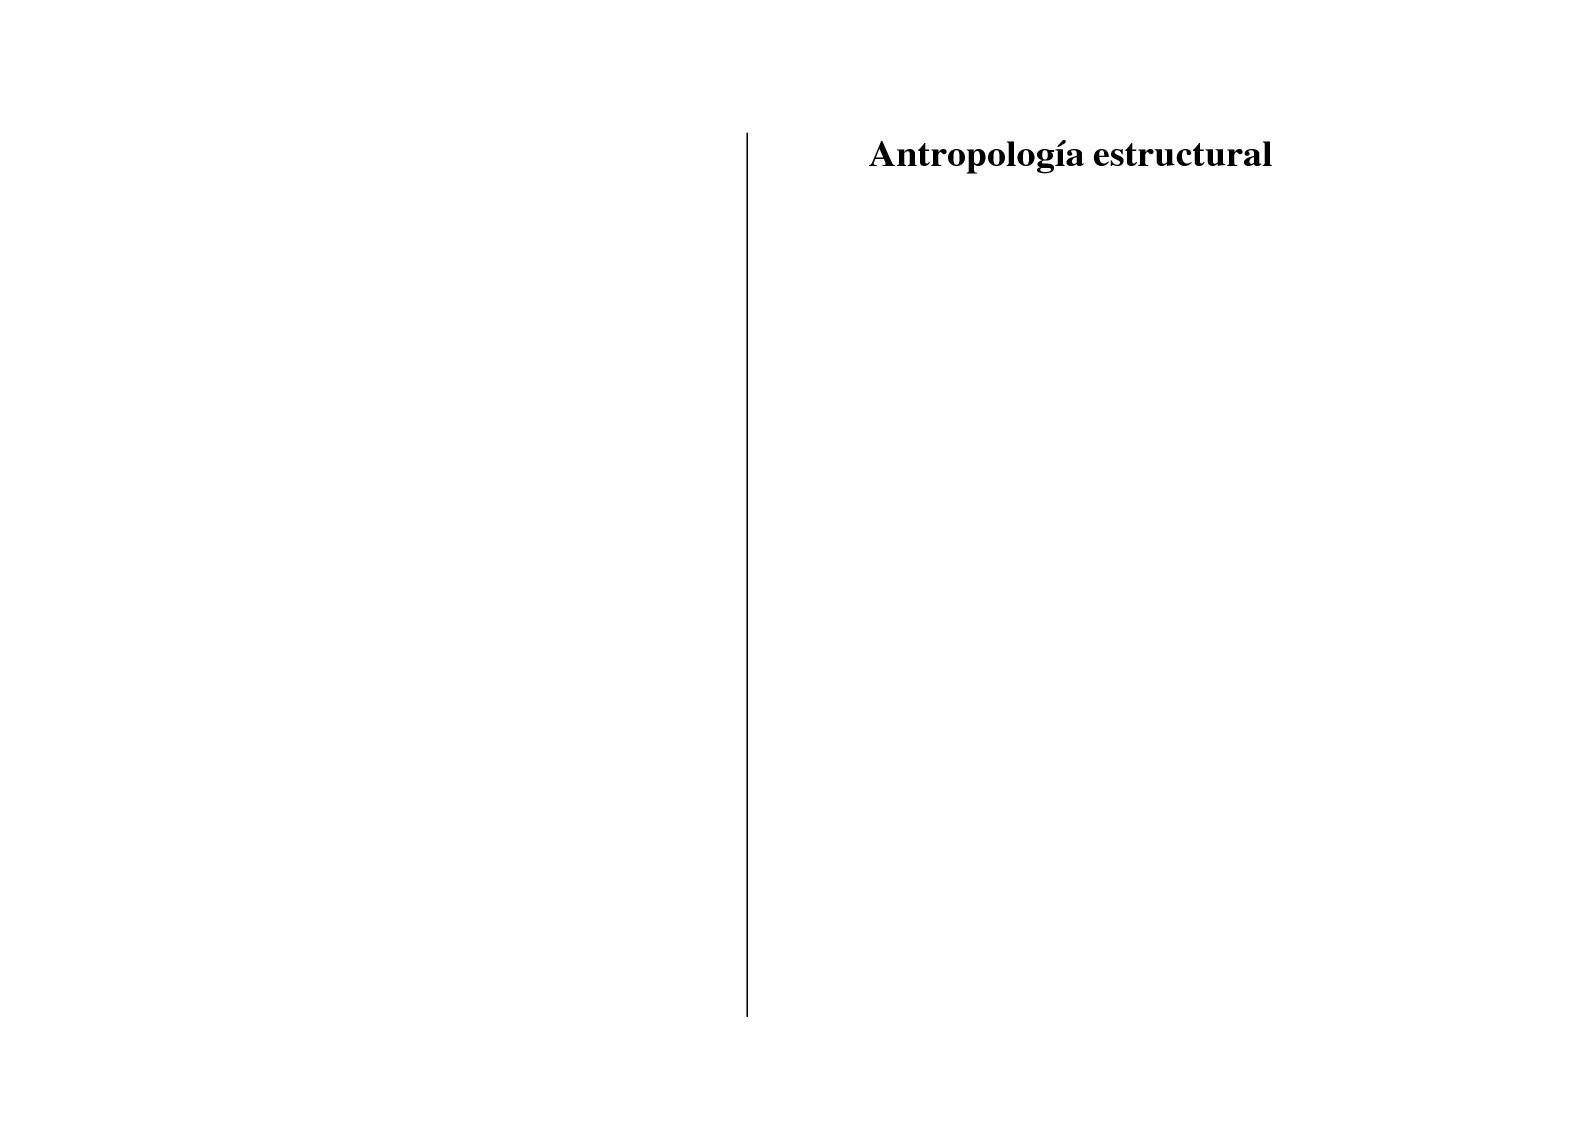 Calaméo - Antropologia Estructural